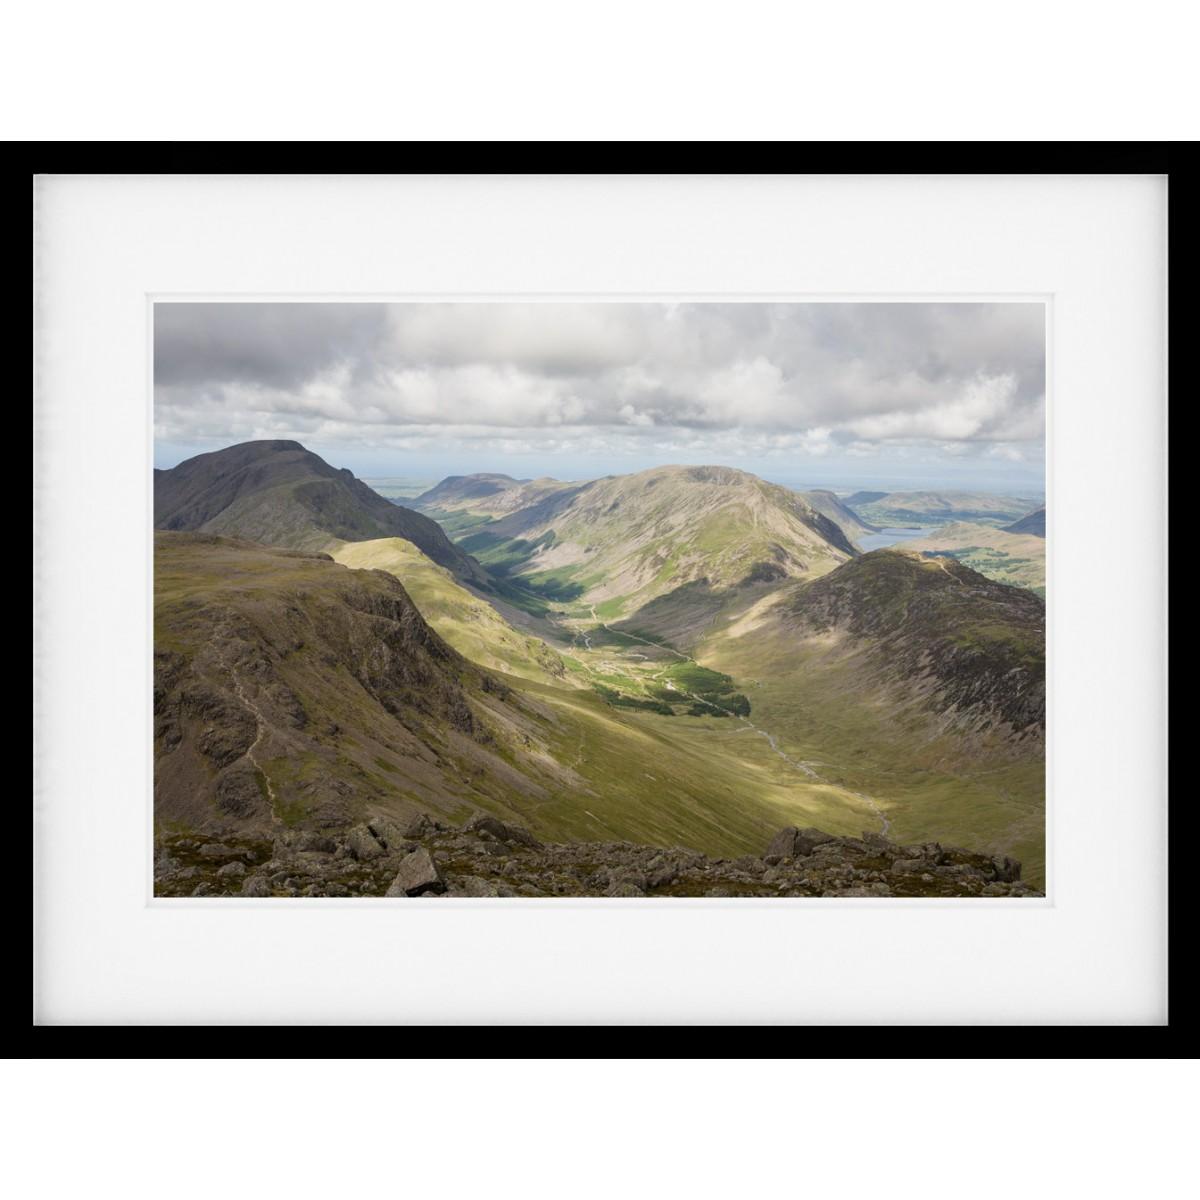 The Ennerdale Valley Framed print